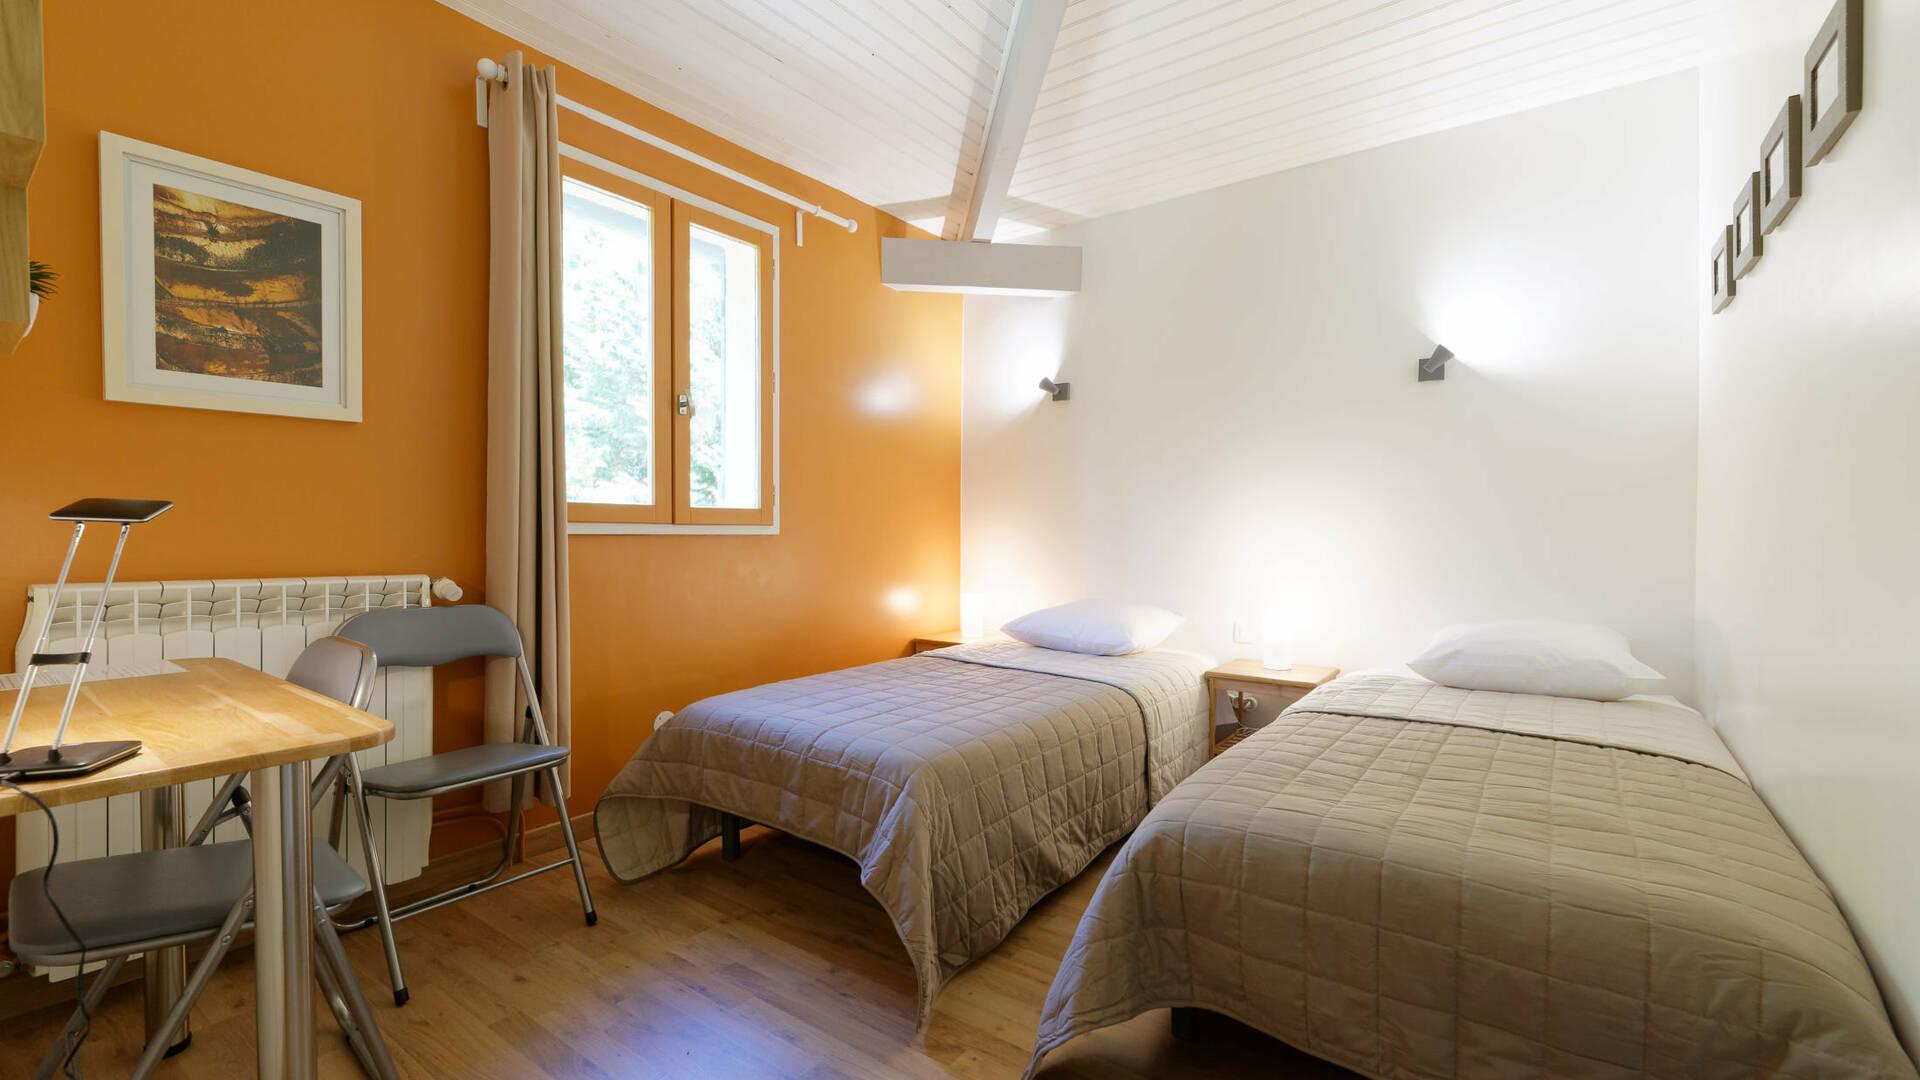 """Bedroom """"Val André"""", Gite La Maison Bleue, Savignac-Mona, Lombez, Samatan, Savès, Gascogne, Gers, France"""